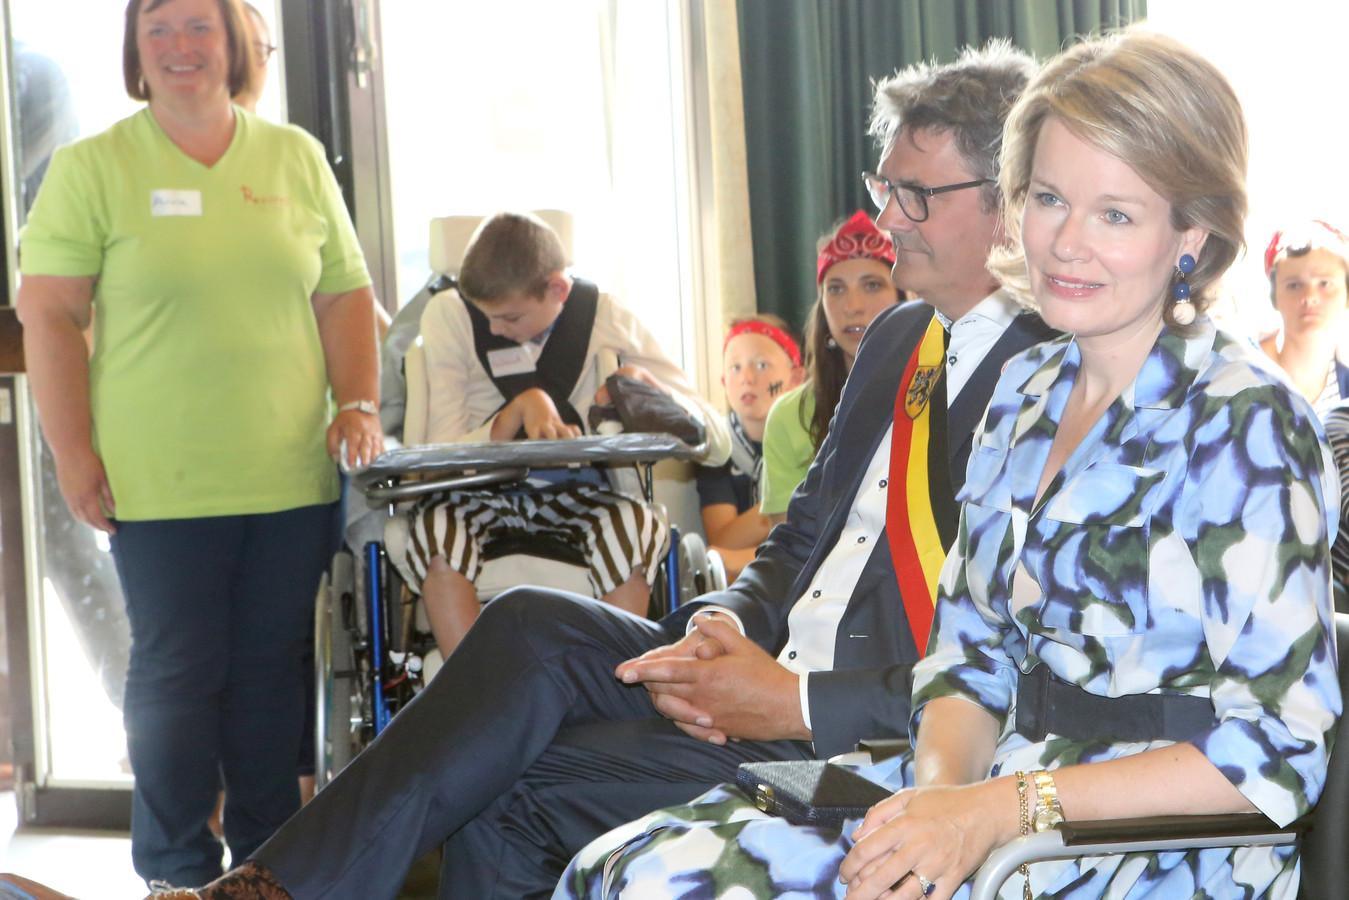 Koningin Matilde bezoekt speelplein Ruimte in Zoutleeuw.